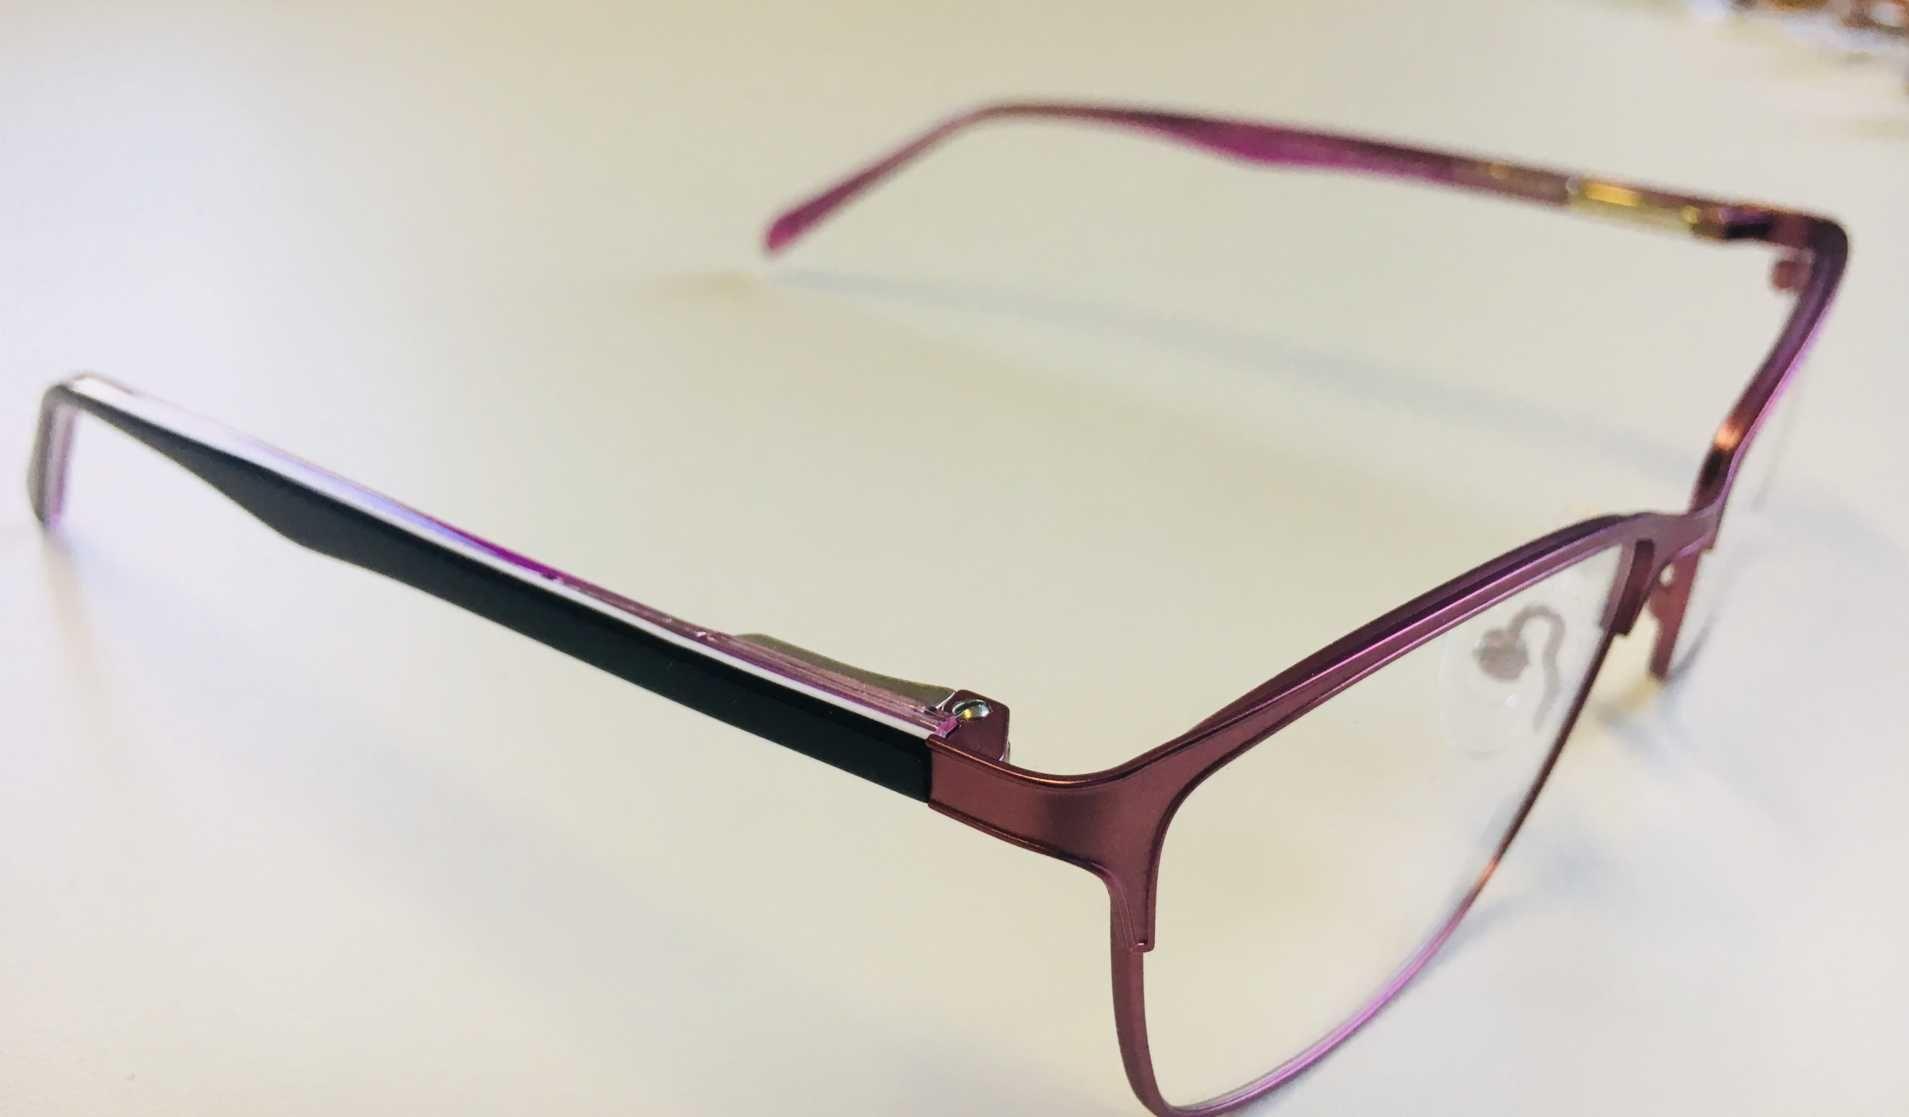 6c04c1043dce7 ... Óculos Armação Grau Feminino Metal Moda 2018 Rosa ...